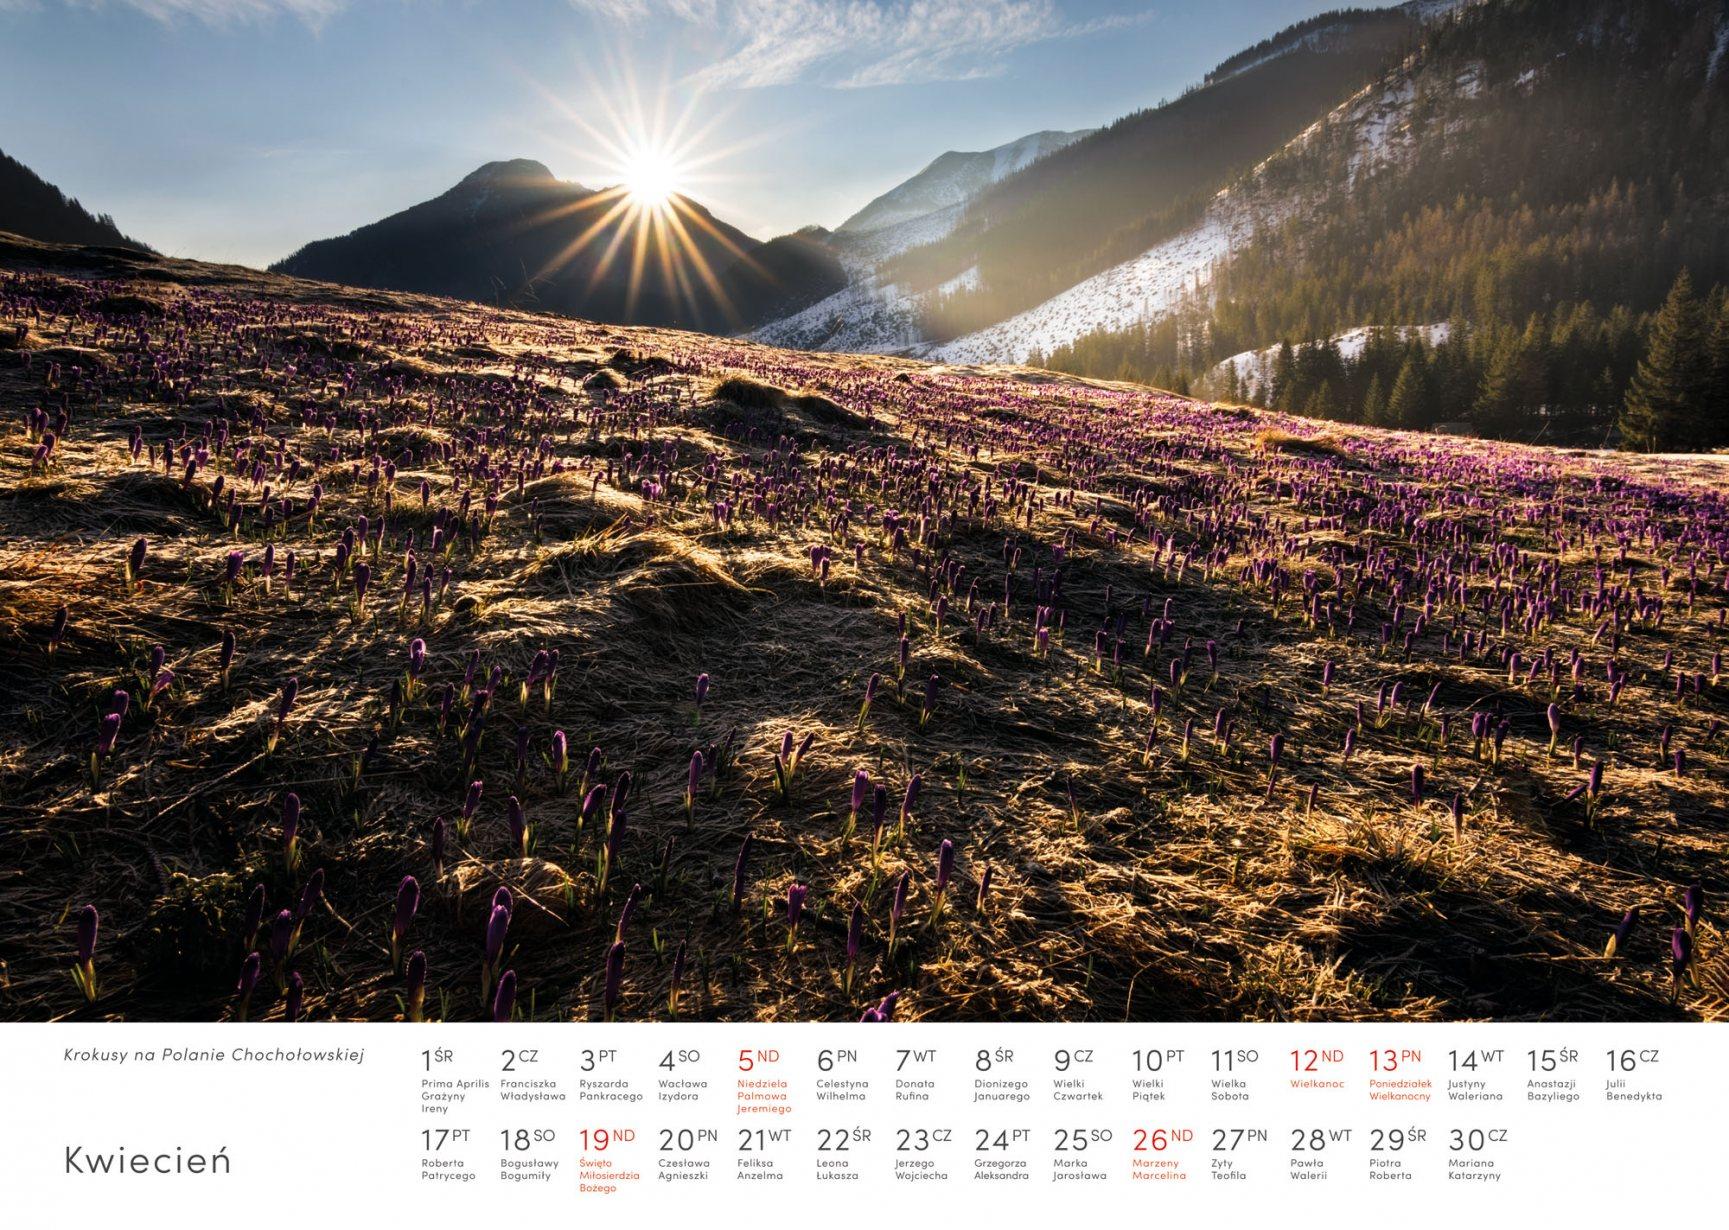 Kalendarz krajobrazy 2020 - Kwiecień - Piotr Kałuża - krokusowa Polana Chochołowska w Tatrach